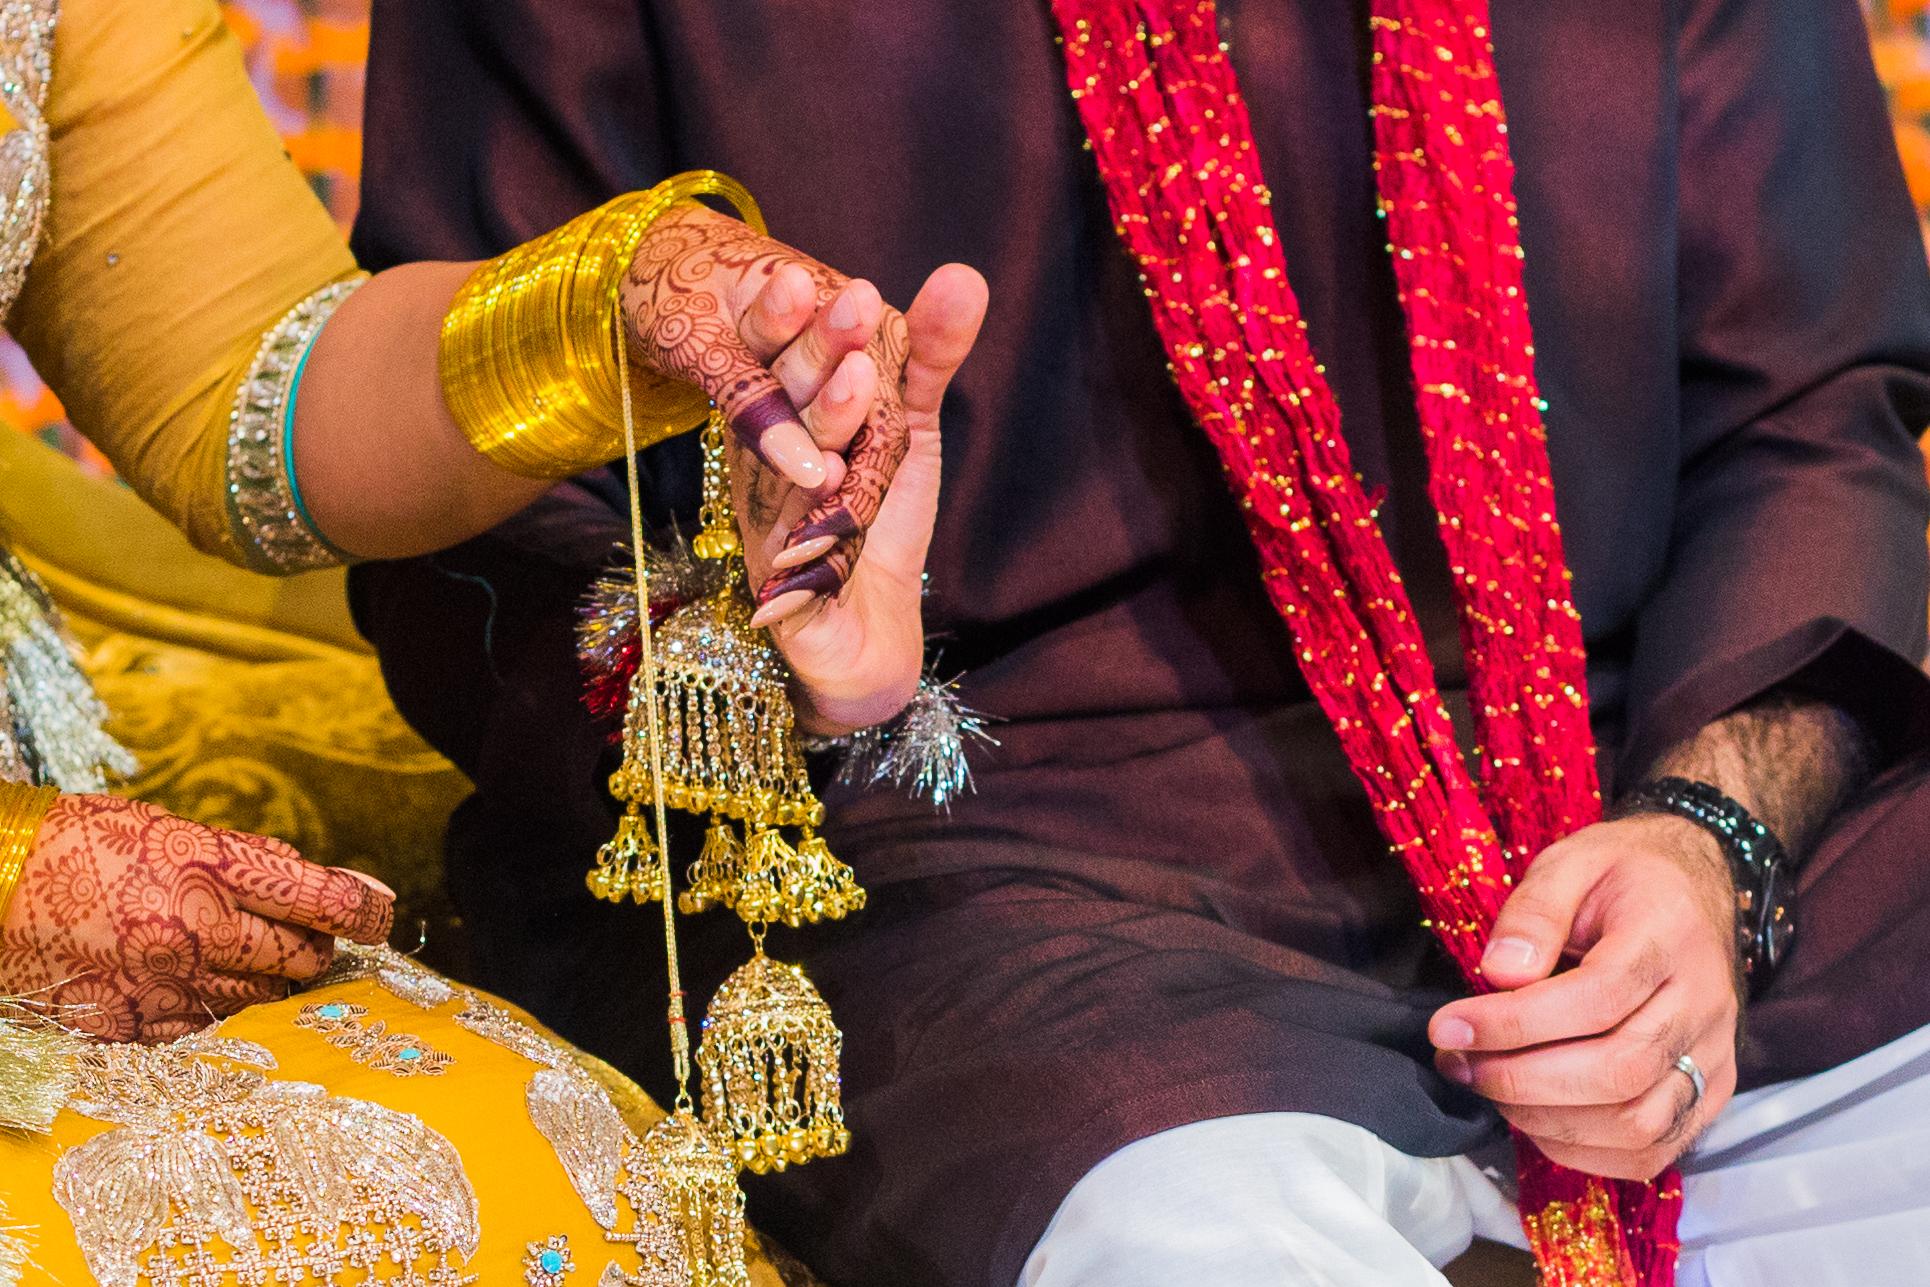 Detaljer fra Mehndi i et pakistansk bryllup